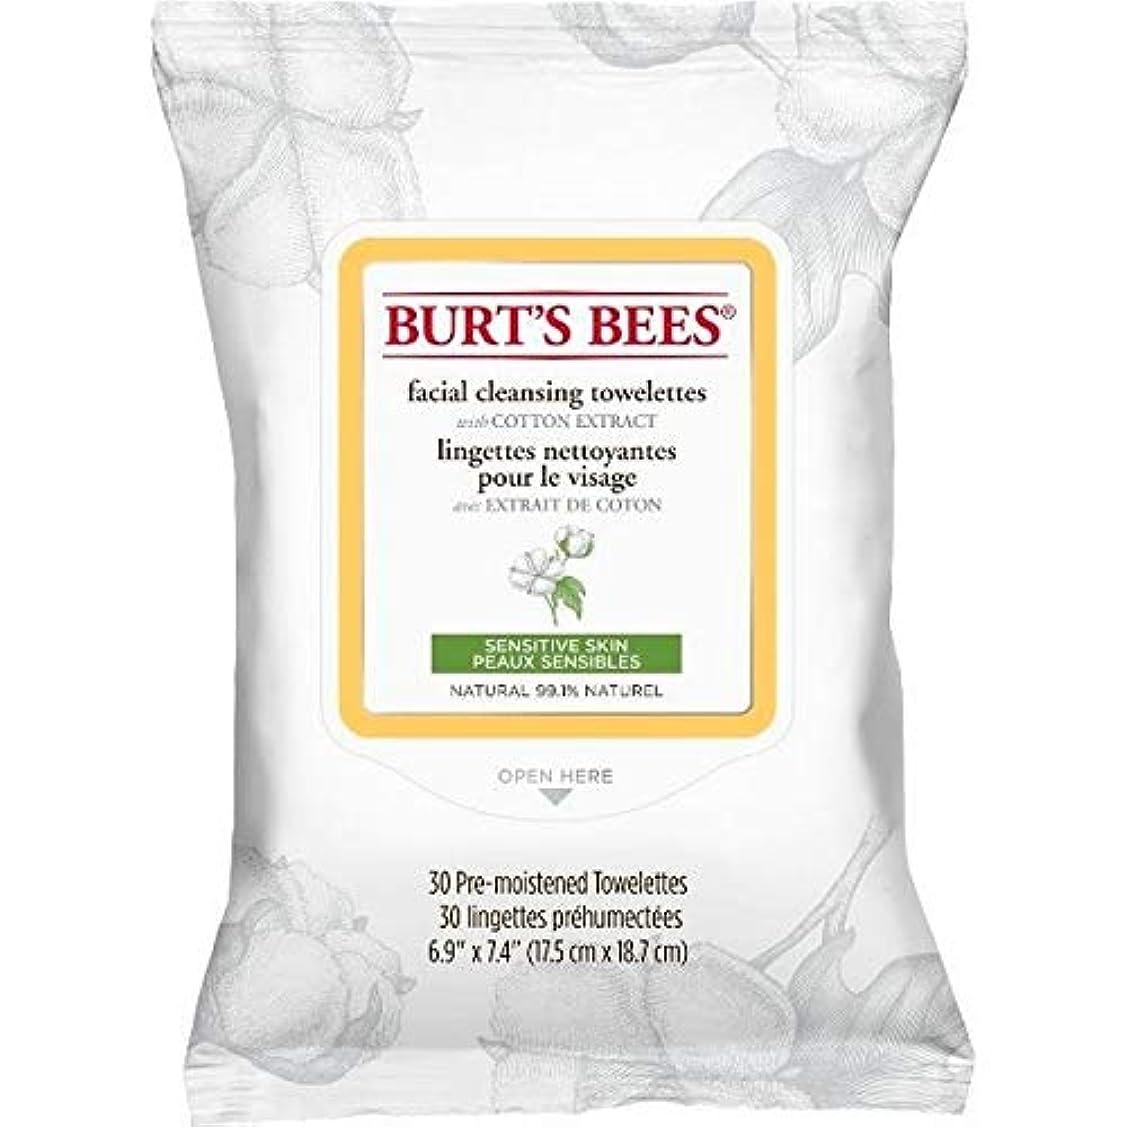 対処するどちらも欠如[Burt's Bees ] バーツビー敏感な顔の浄化用ペーパータオルエキスX30 - Burt's Bees Sensitive Facial Cleanse Towelettes Extract x30 [並行輸入品]